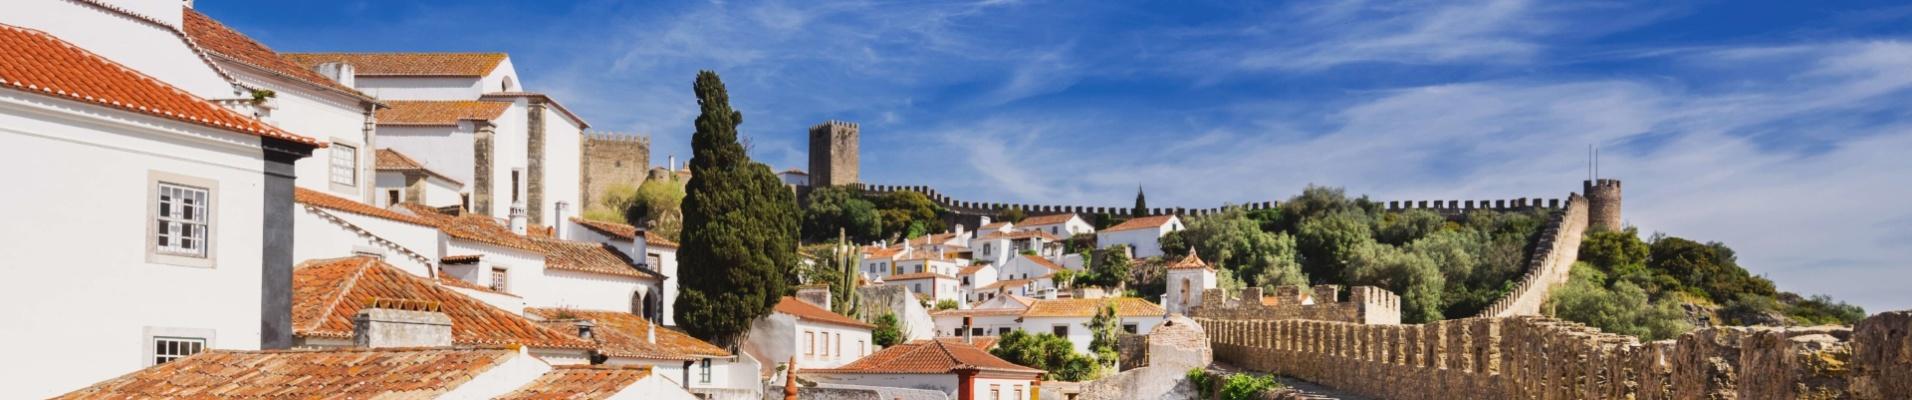 Centre historique et murailles d'Obidos